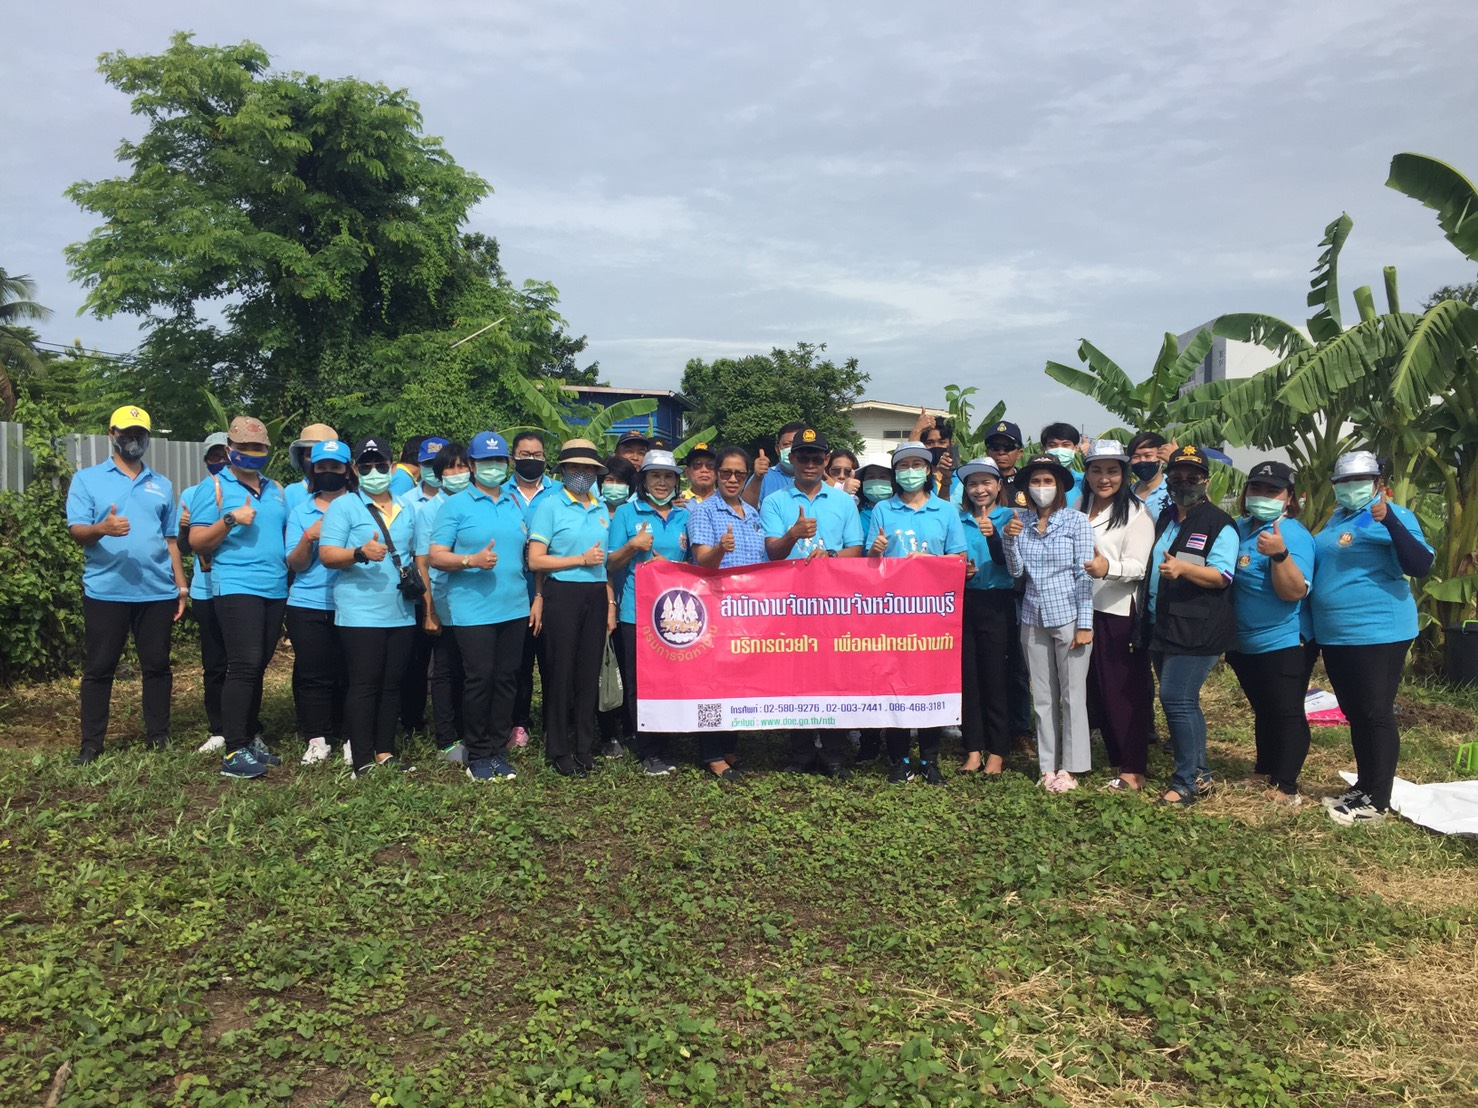 โครงการเพิ่มพื้นที่สีเขียวเพื่อลดมลพิษจาก   ฝุ่นละออง (101,010 ต้น นนทบุรี)